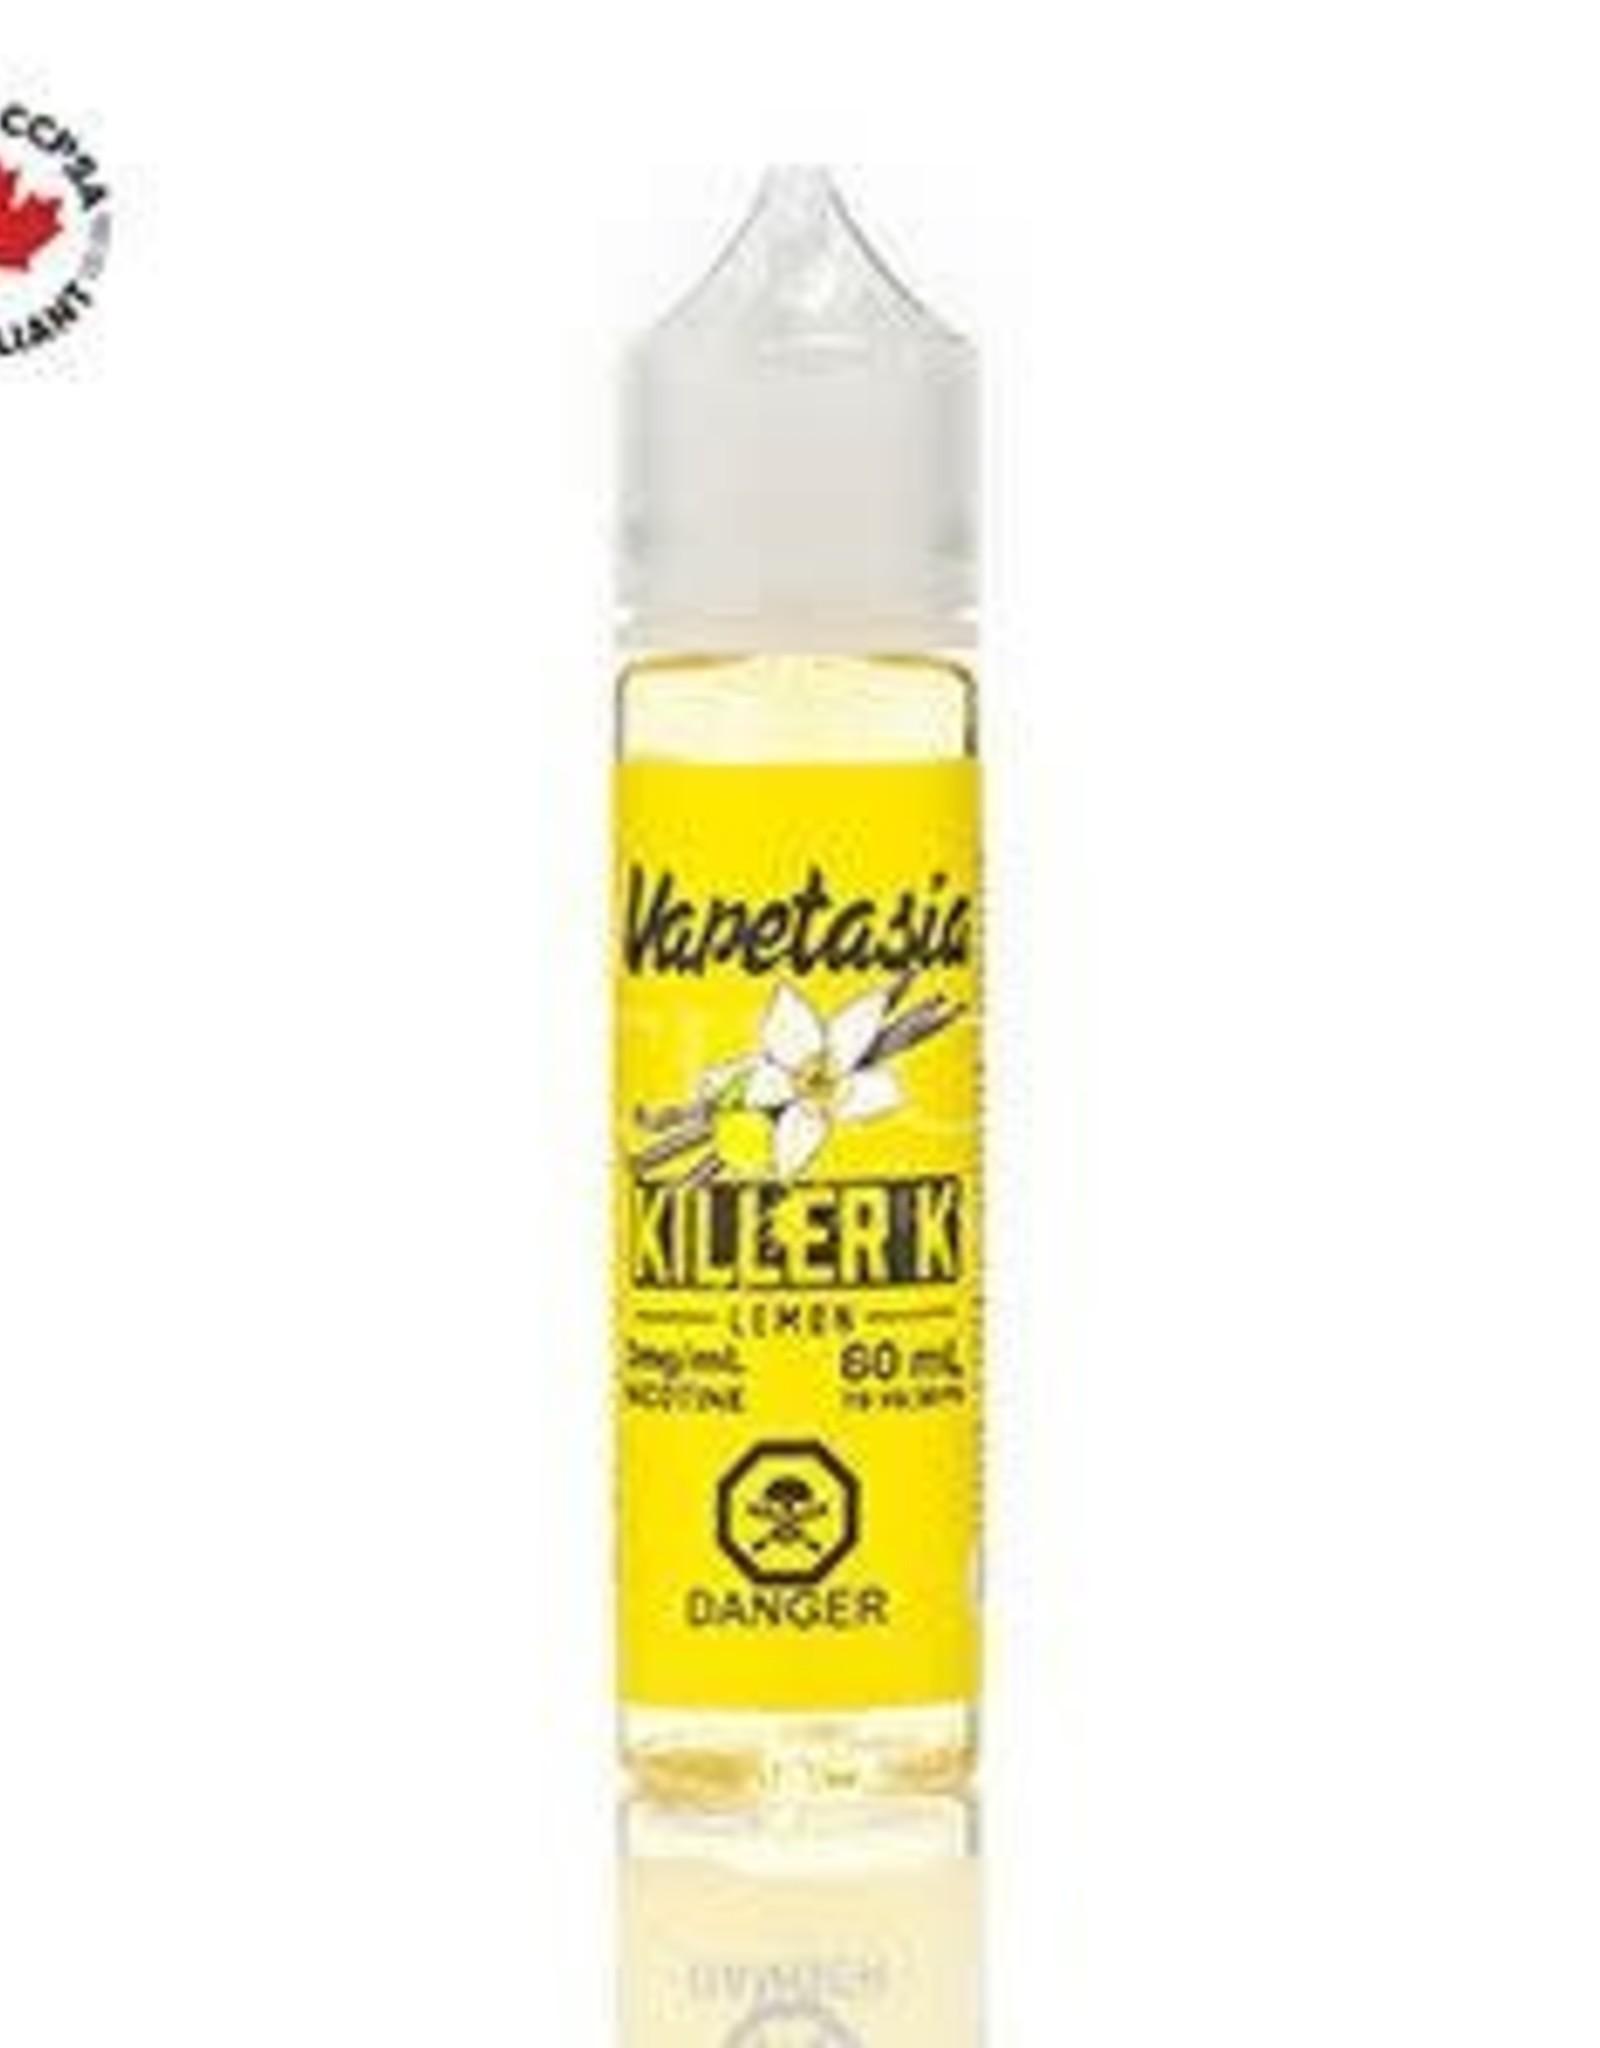 Vapetasia - Killer Kustard Lemon (60mL)